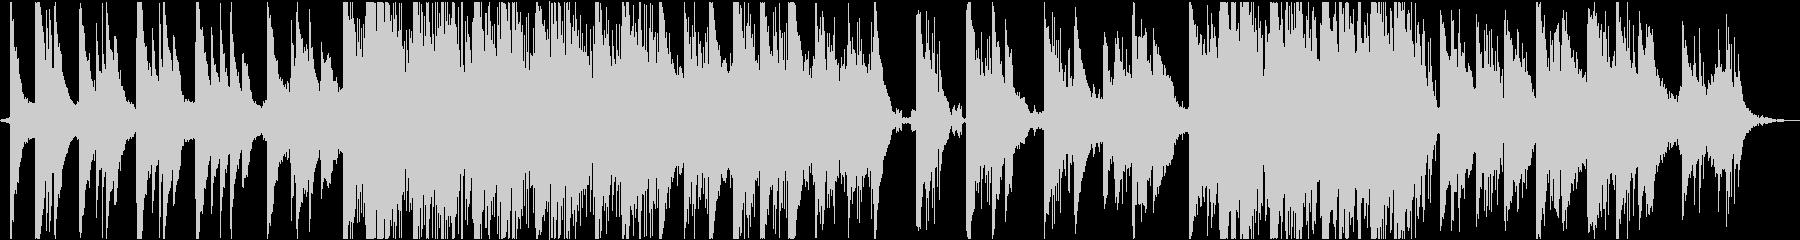 ピアノが印象的なインスタレーション音楽3の未再生の波形